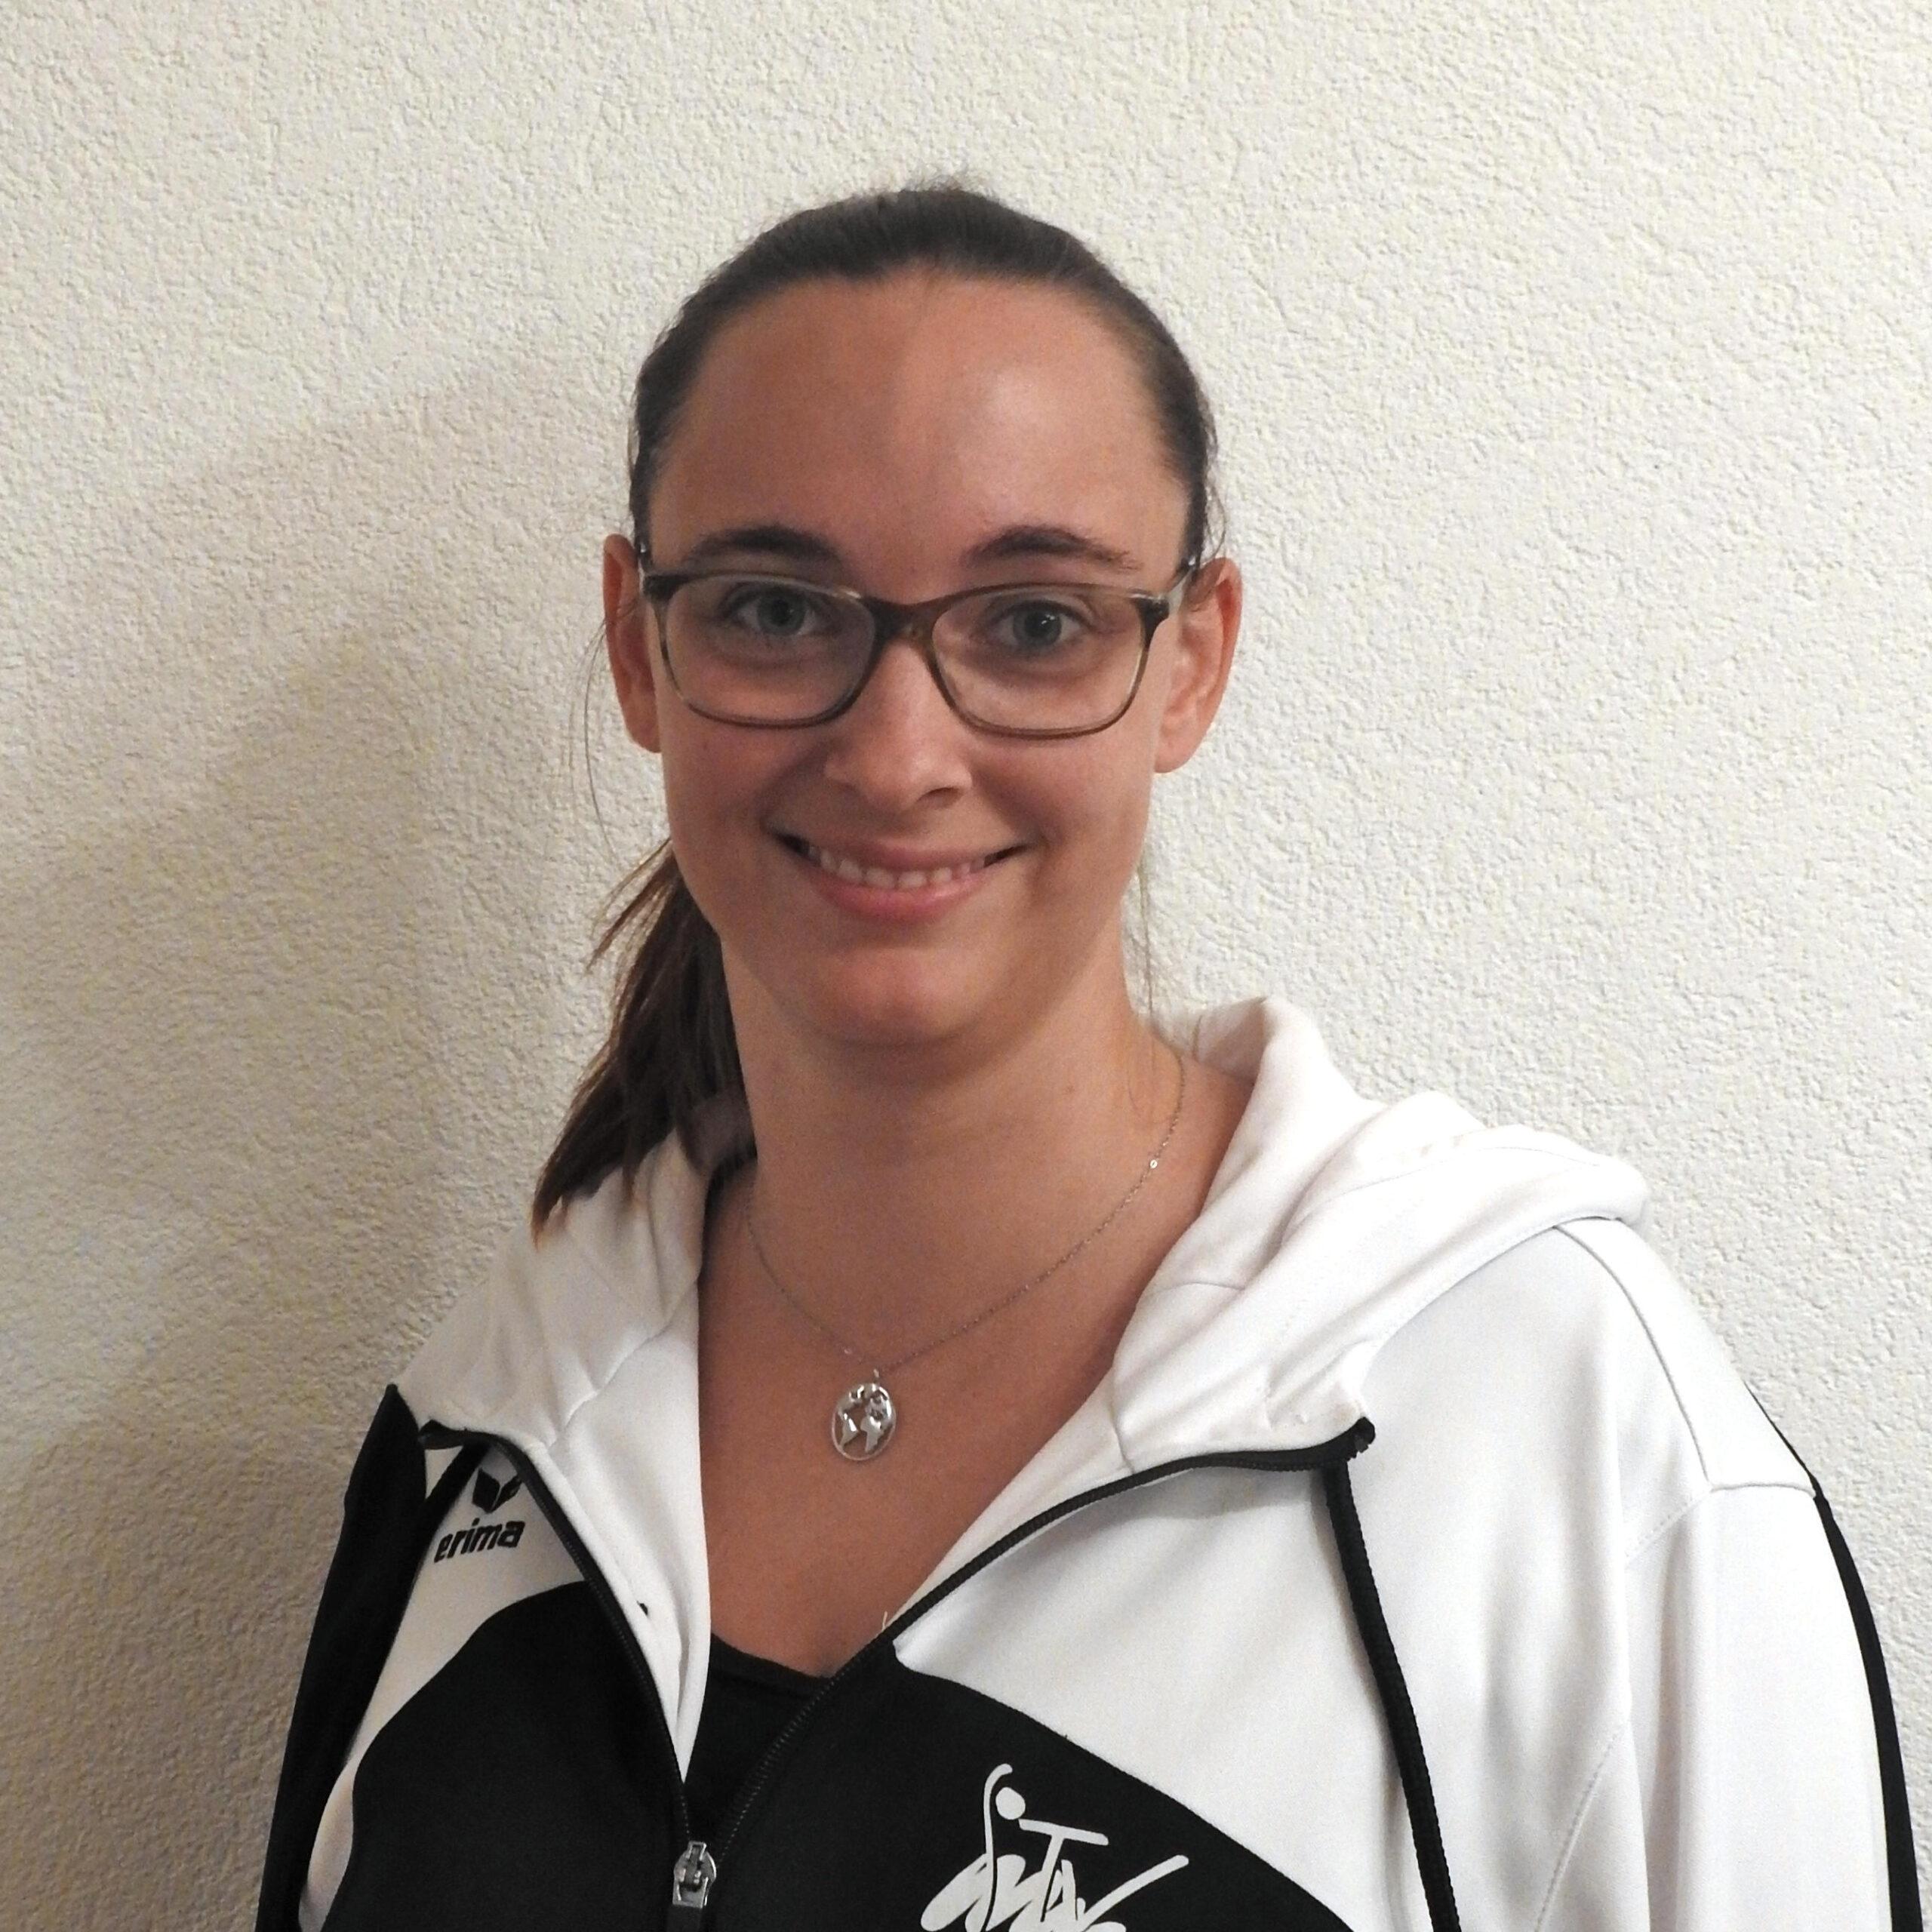 Joëlle Frieder